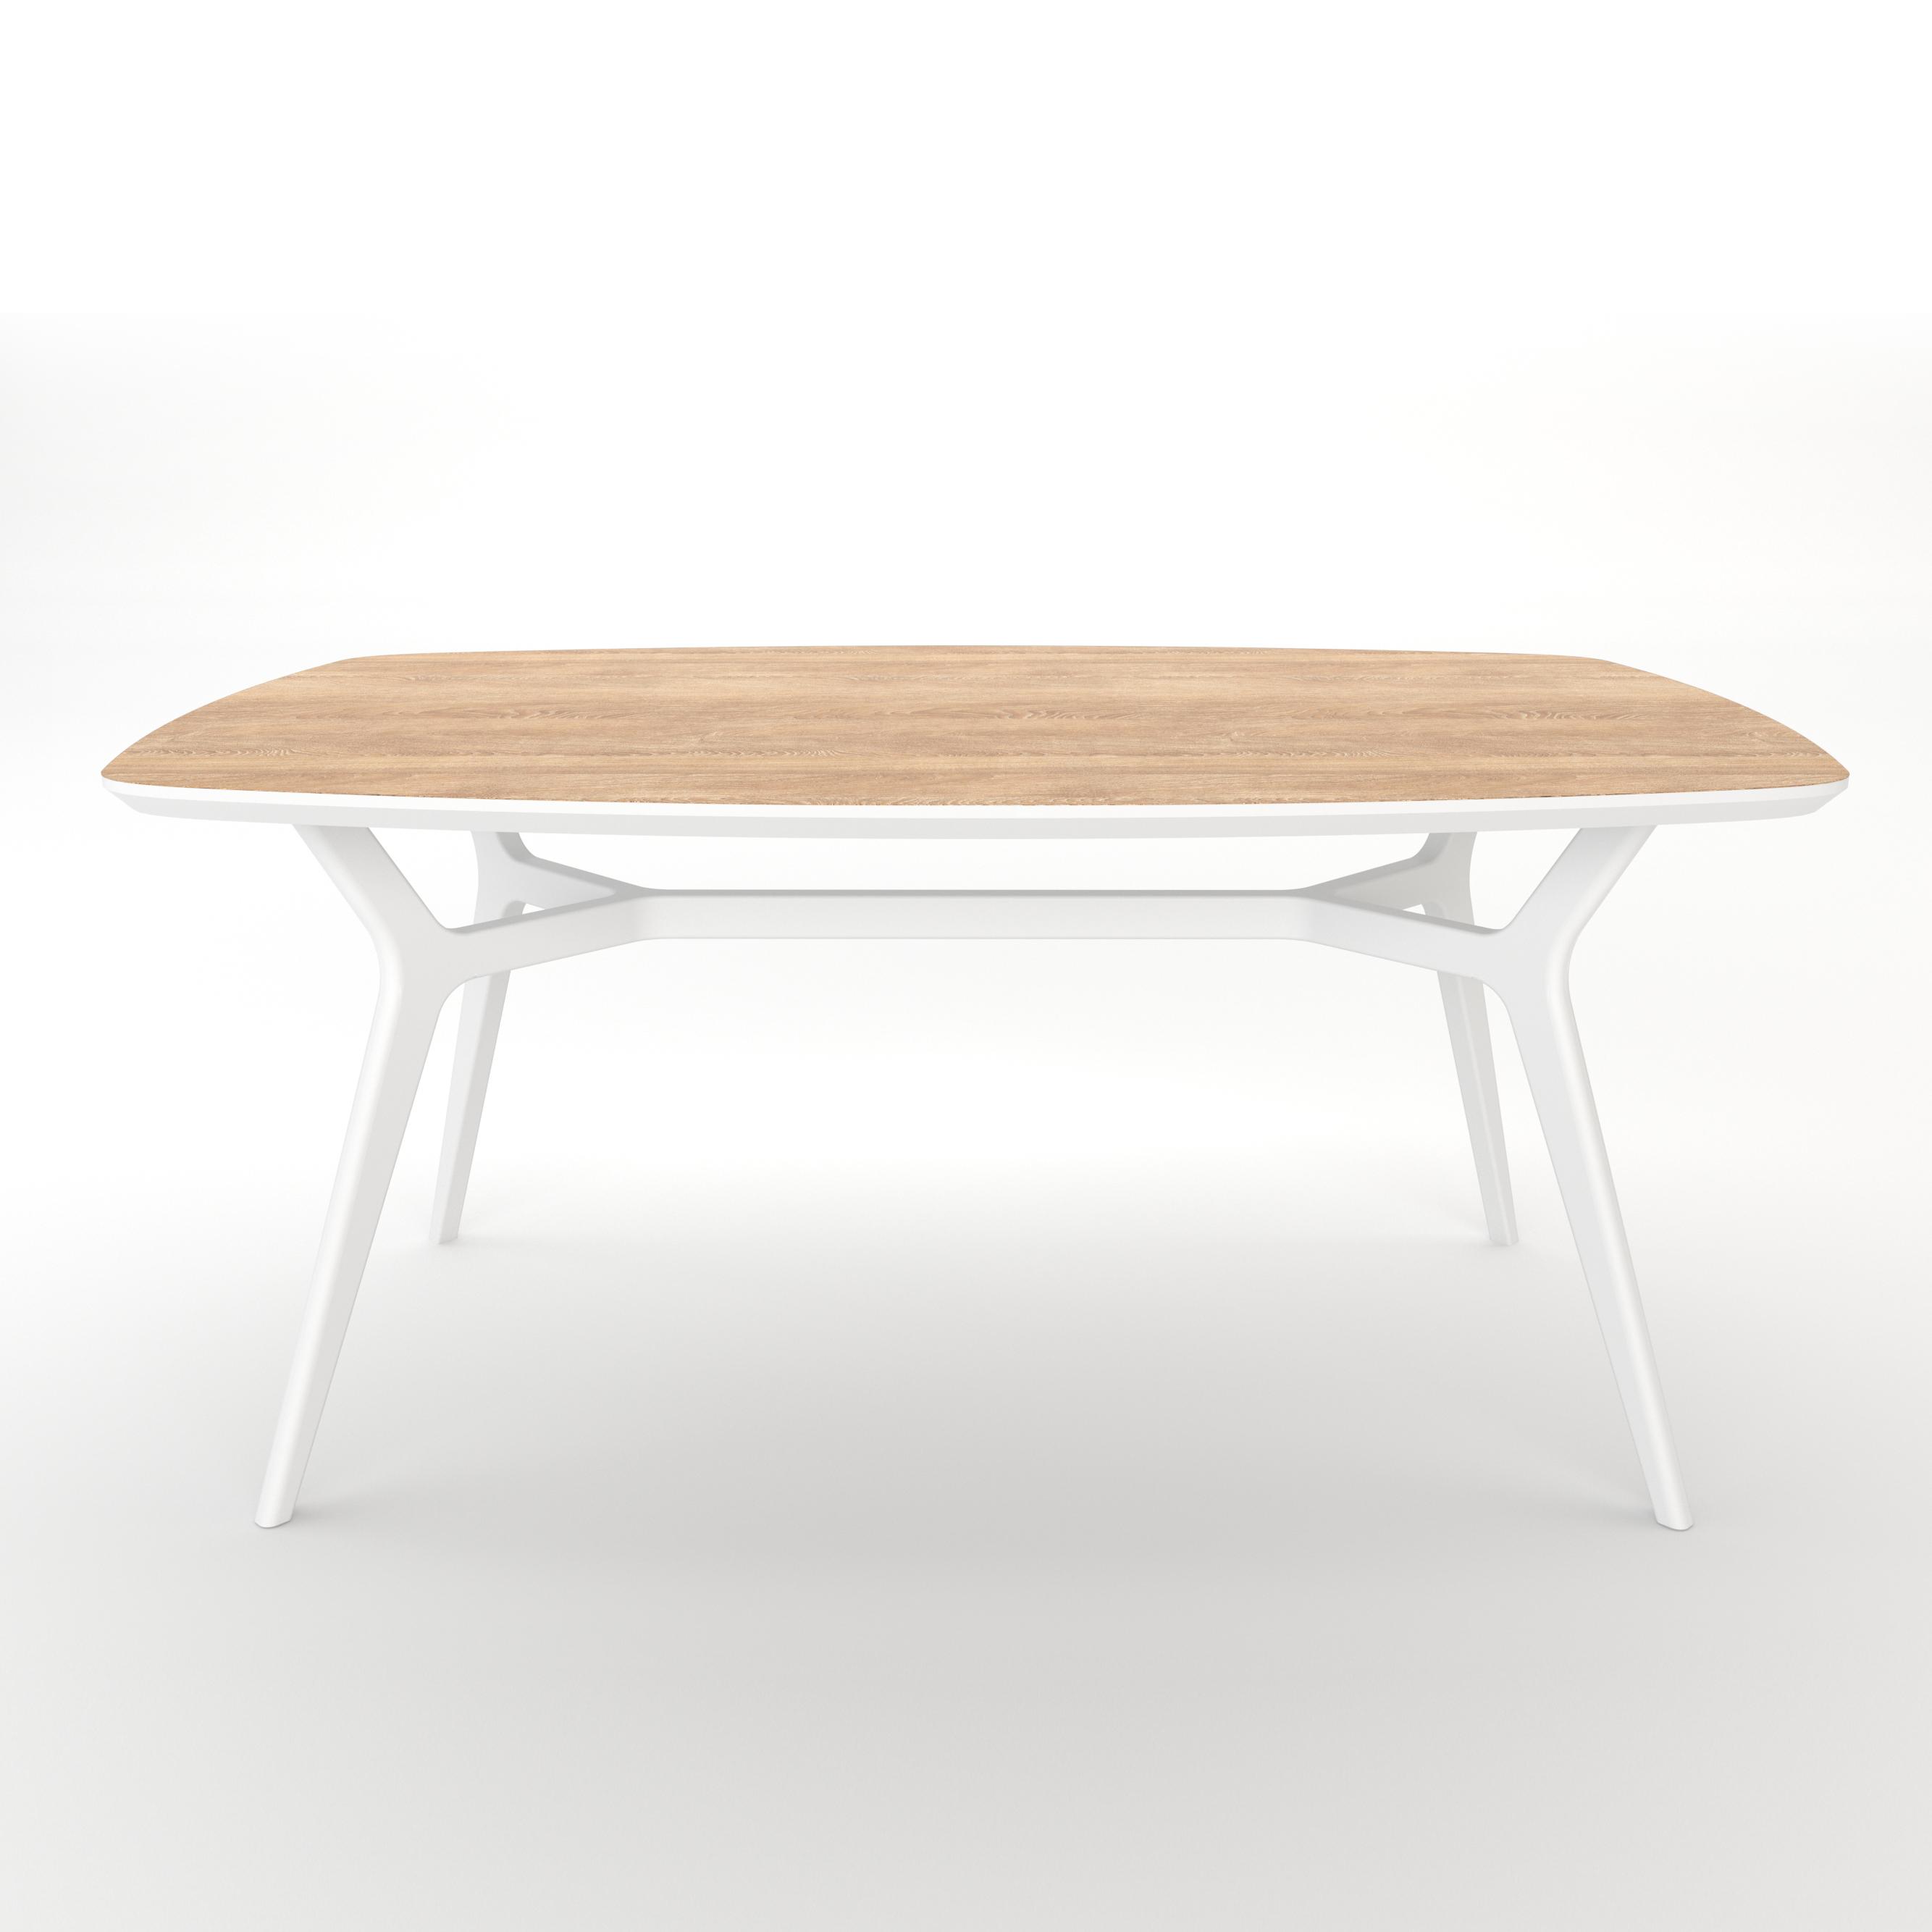 Стол JohannОбеденные столы<br>Тщательная проработка деталей и пропорций стола позволяет ему идеально вписаться в любой интерьер.&amp;lt;div&amp;gt;&amp;lt;br&amp;gt;&amp;lt;/div&amp;gt;&amp;lt;div&amp;gt;Отделка столешницы шпоном дуба, подстолье выкрашено в белый цвет. Сборка не требуется.  &amp;lt;/div&amp;gt;<br><br>Material: МДФ<br>Ширина см: 140.0<br>Высота см: 75.0<br>Глубина см: 80.0